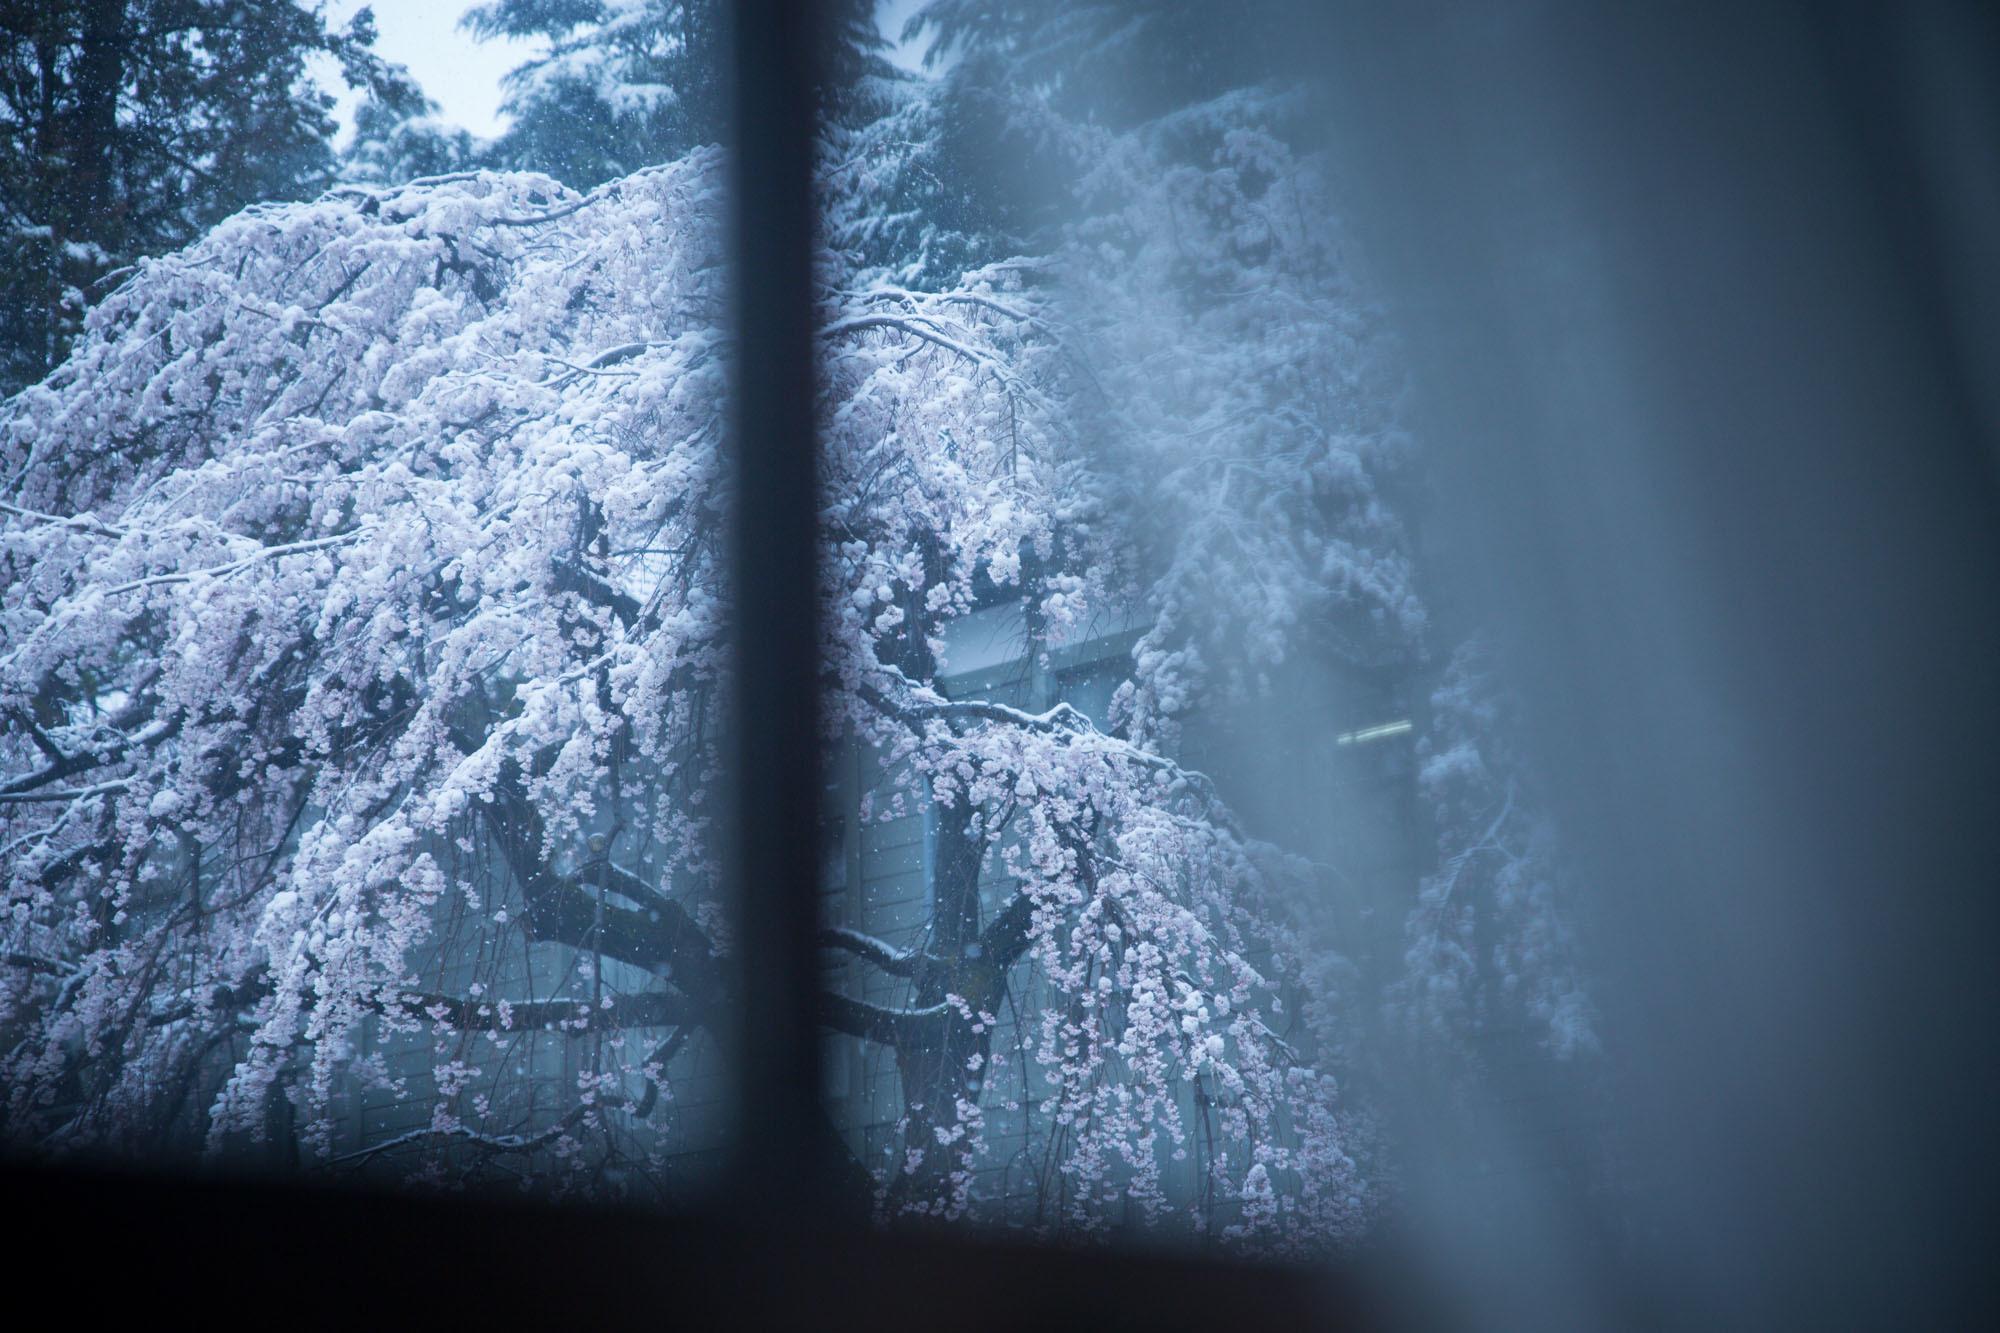 なごり雪の窓辺~あがたの森の枝垂桜~_d0349418_20464963.jpg